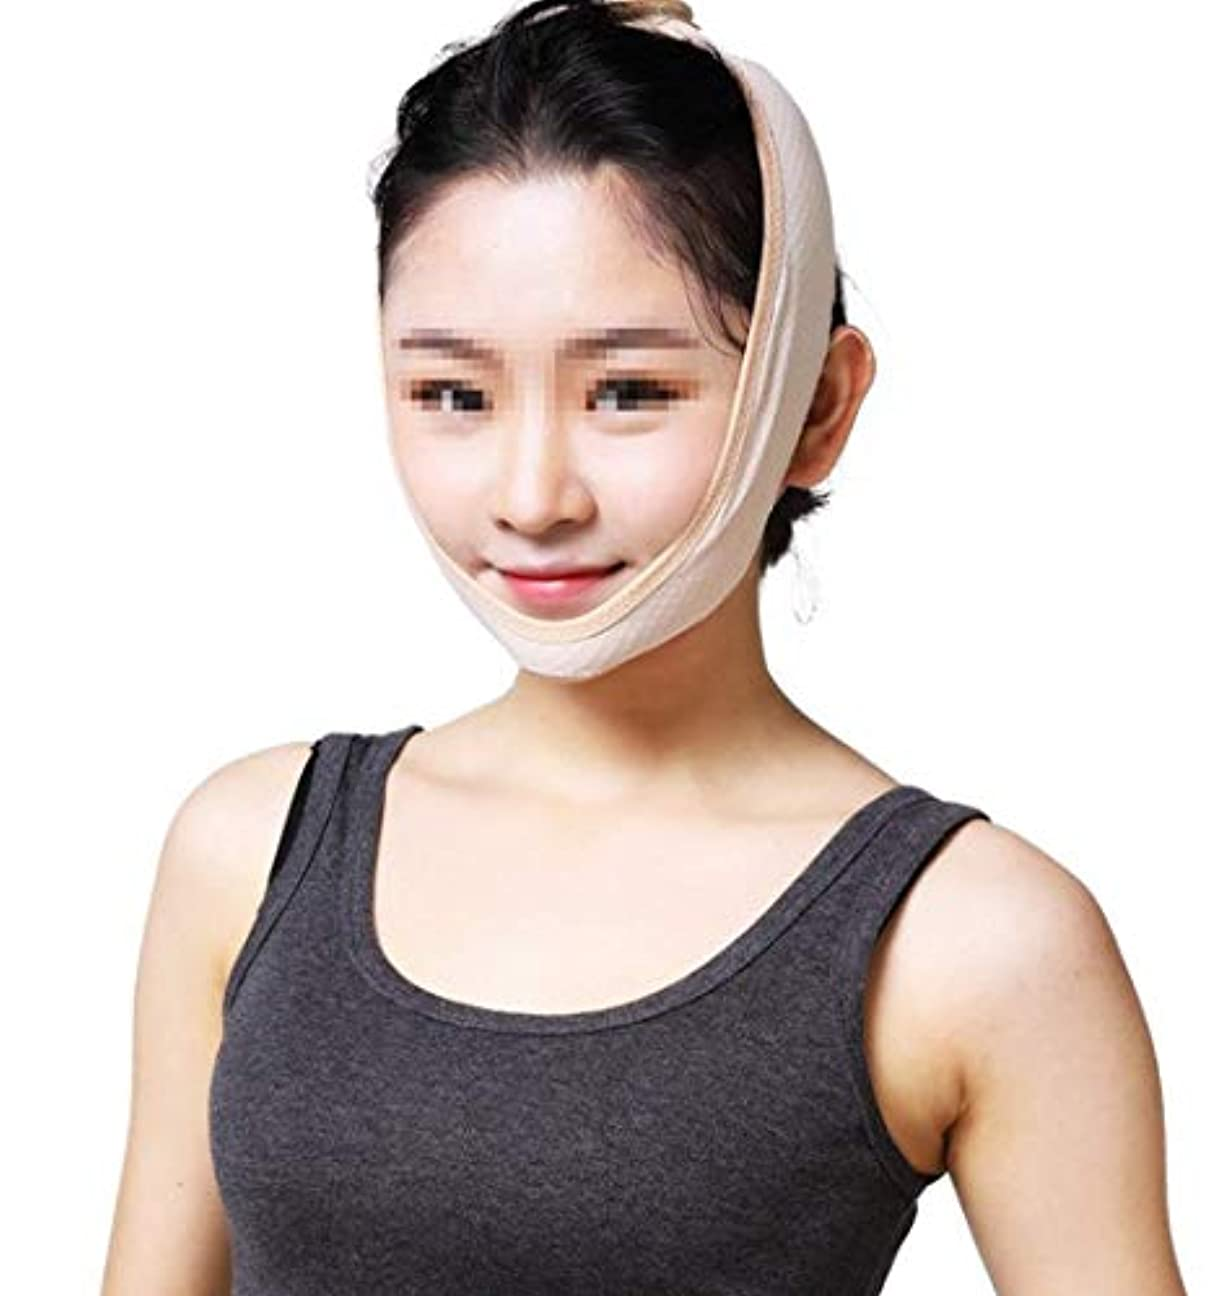 慣性聡明行政顔を持ち上げる包帯、口を開けて眠るのを防ぐための女性の通気性のいびきベルトいびきアーティファクトアンチあごの脱臼の修正包帯のいびき装置